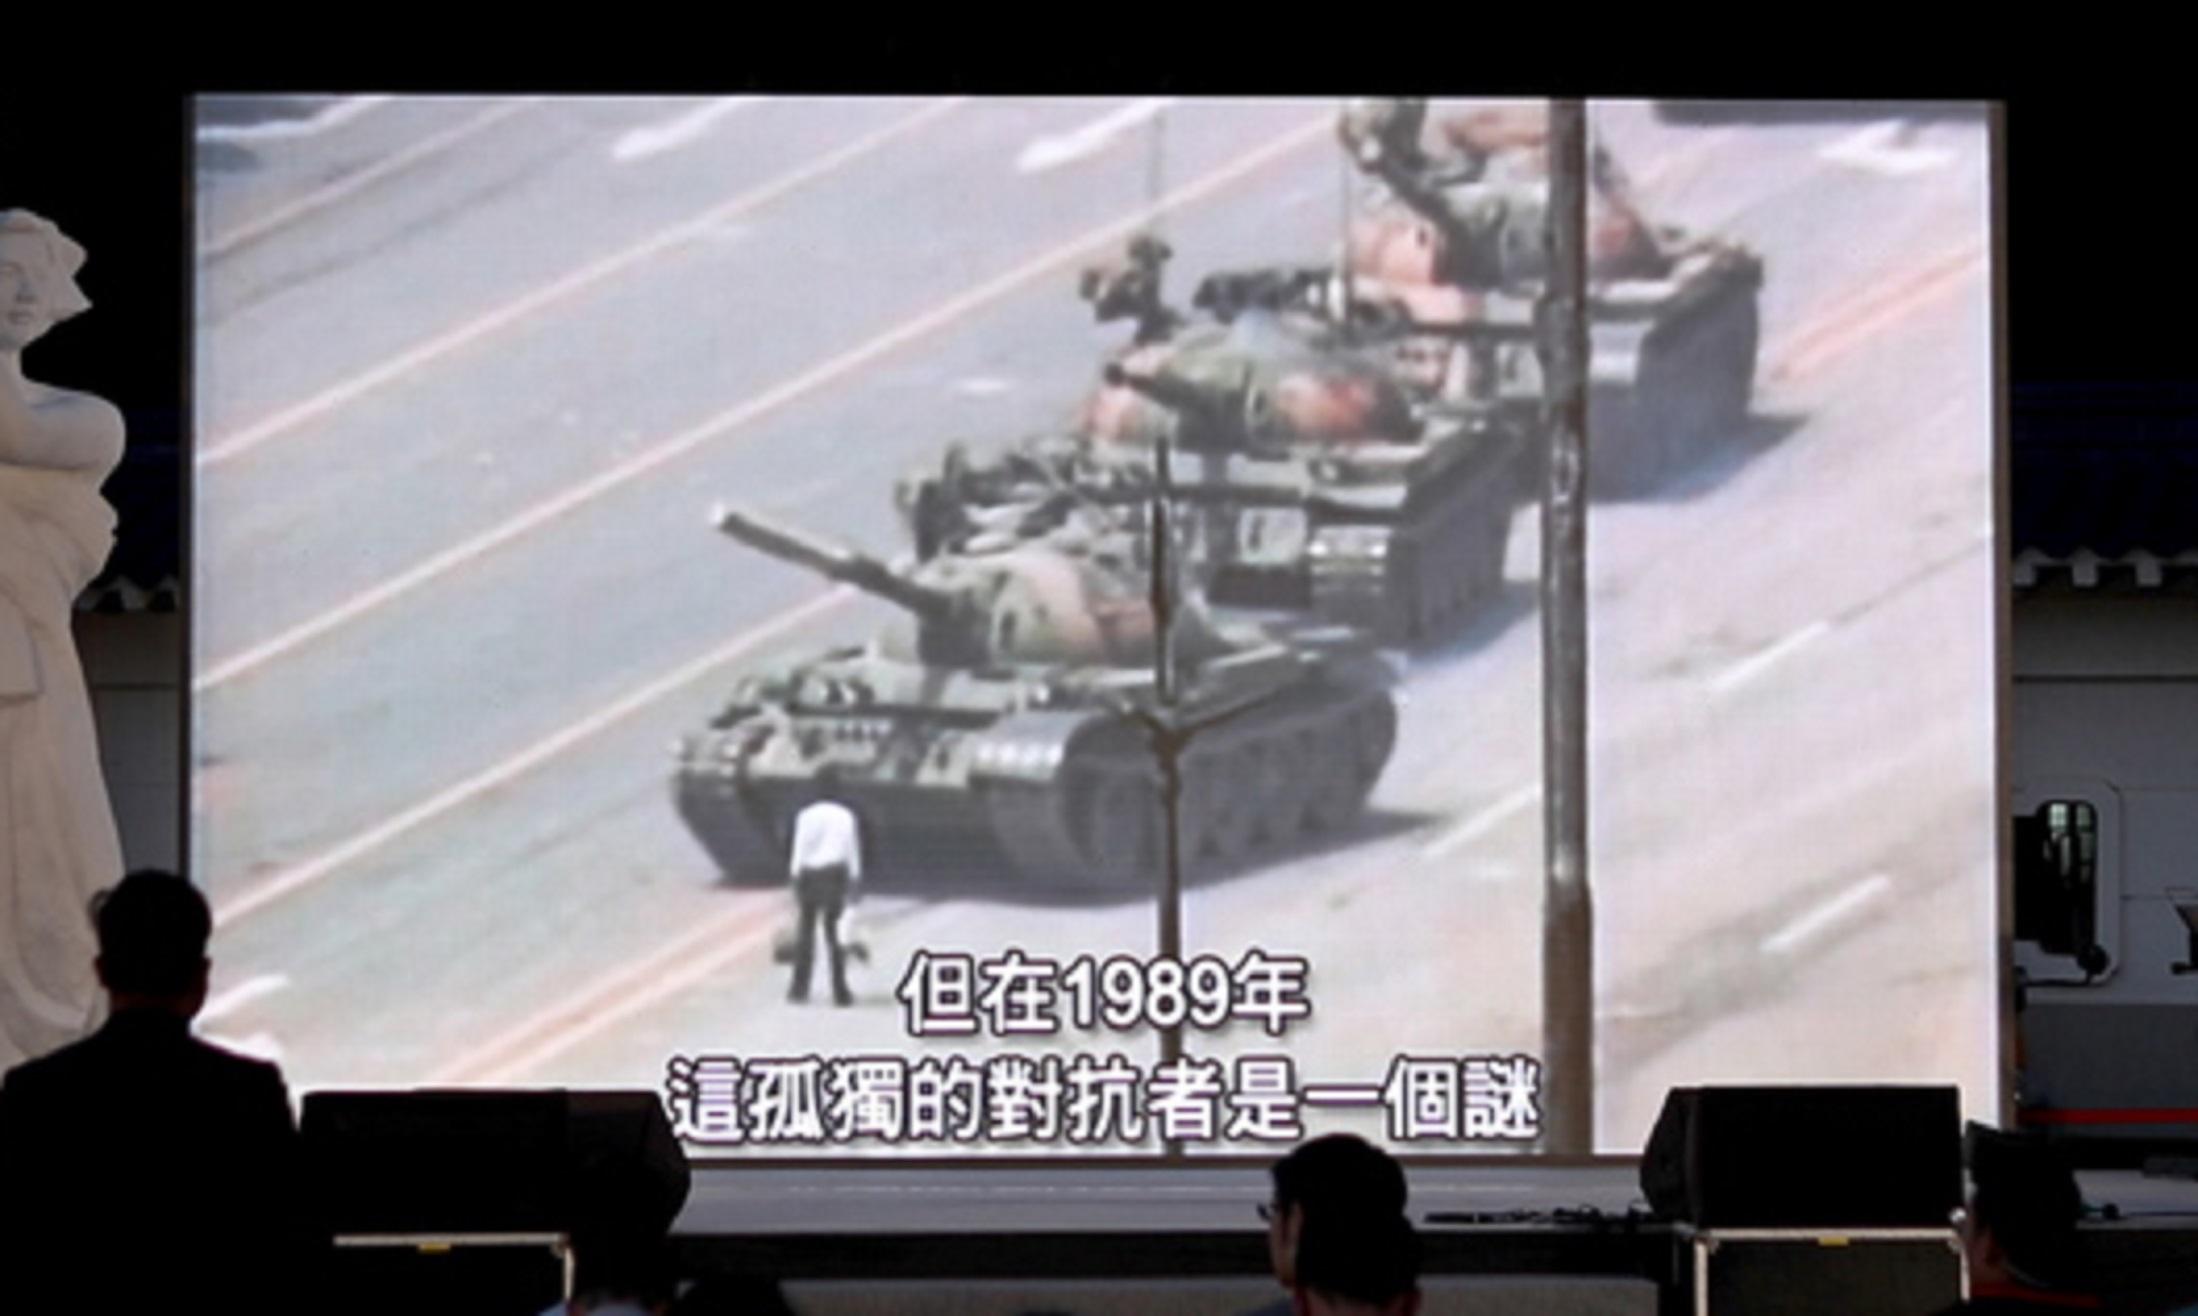 Tank Man: Γιατί εξαφανίστηκε η ιστορική φωτογραφία από τη μηχανή αναζήτησης του Bing